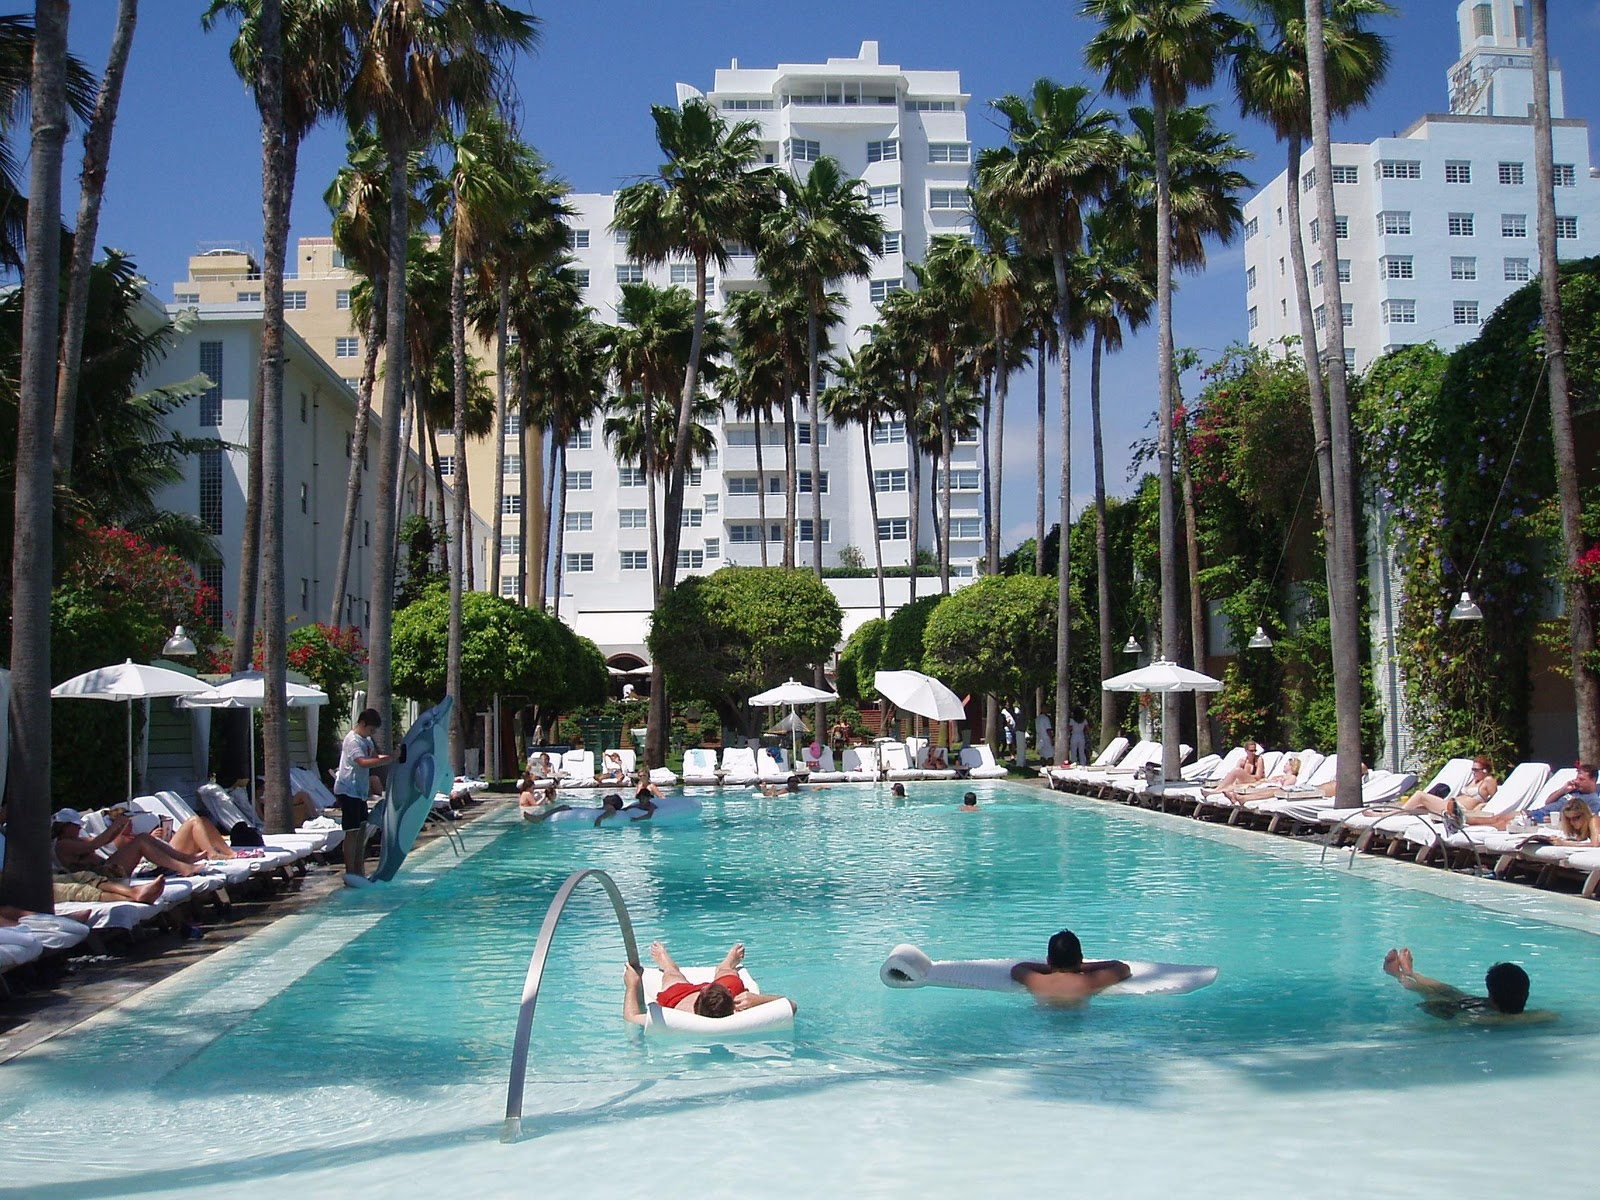 Delano Hotel (Miami Beach)